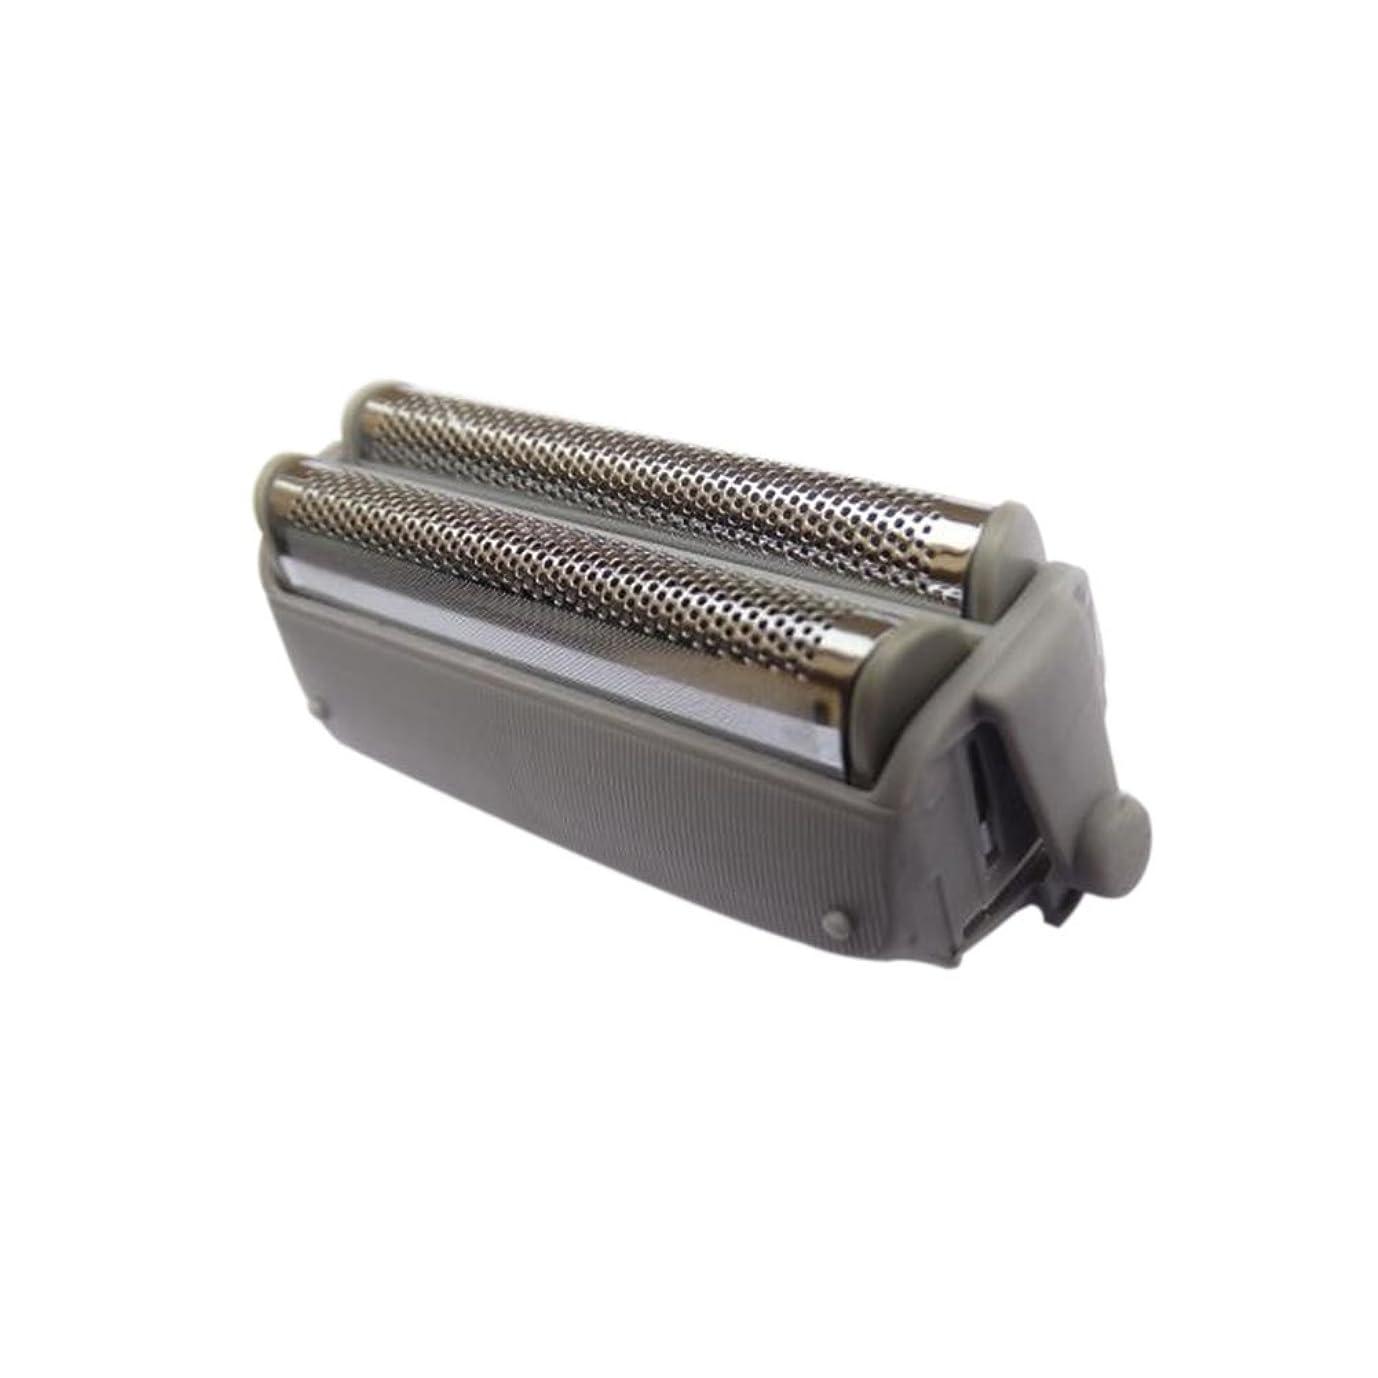 仕出します延ばす援助HZjundasi Replacement Inner ブレード コンボ+Outer ホイル for Panasonic RW30 ES9859/52C